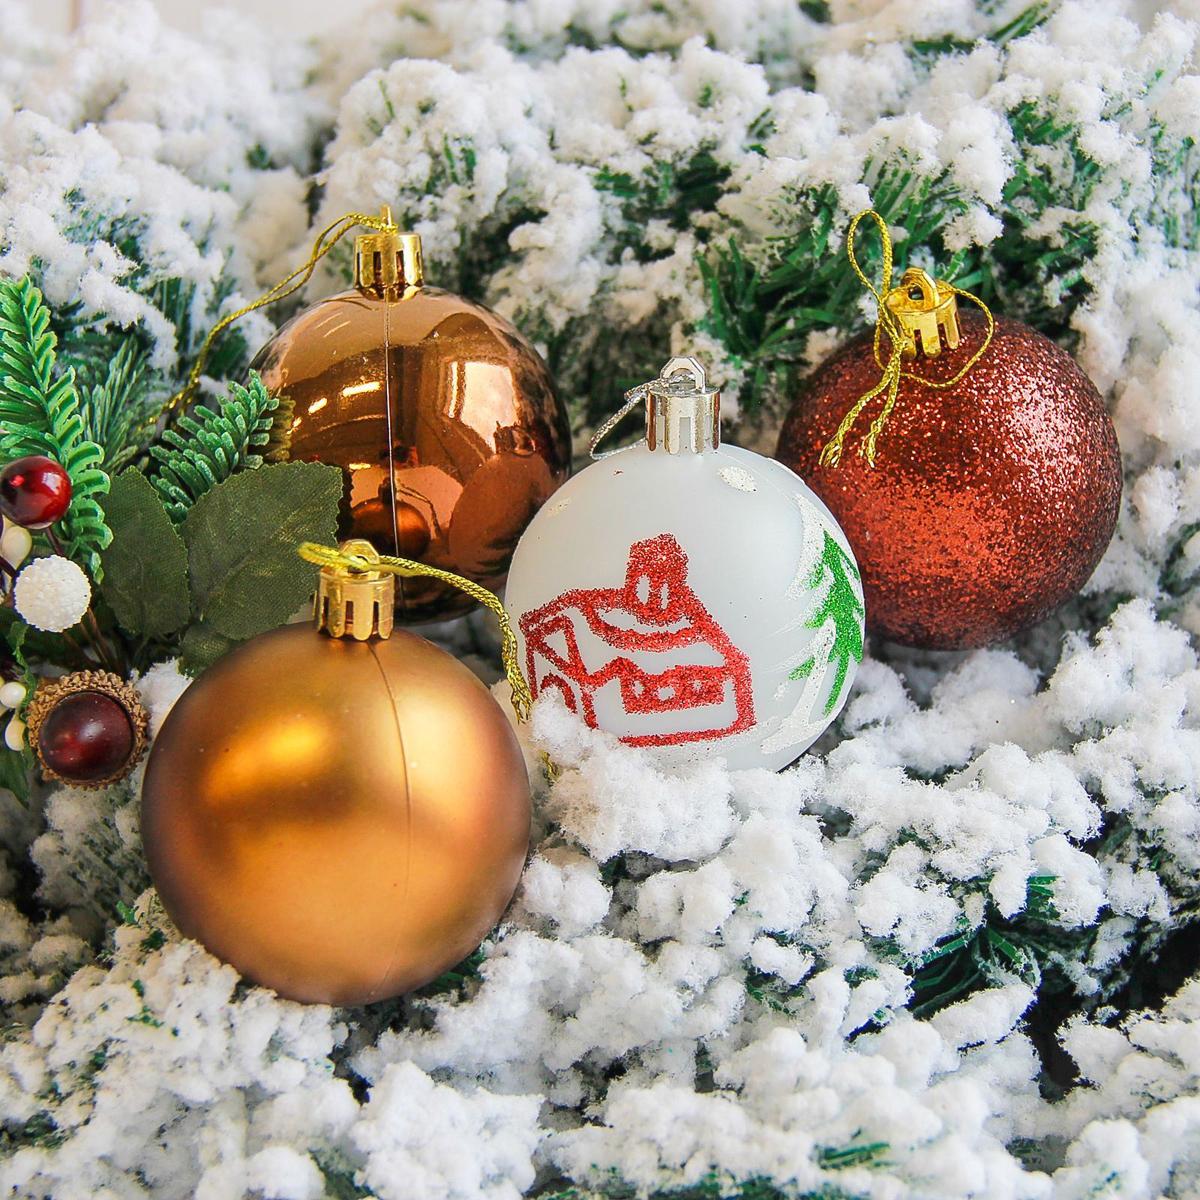 Набор новогодних подвесных украшений Sima-land Кьюзо, цвет: коричневый, диаметр 6 см, 12 шт2178447Набор новогодних подвесных украшений Sima-land отлично подойдет для декорации вашего дома и новогодней ели. С помощью специальной петельки украшение можно повесить в любом понравившемся вам месте. Но, конечно, удачнее всего оно будет смотреться на праздничной елке. Елочная игрушка - символ Нового года. Она несет в себе волшебство и красоту праздника. Создайте в своем доме атмосферу веселья и радости, украшая новогоднюю елку нарядными игрушками, которые будут из года в год накапливать теплоту воспоминаний.